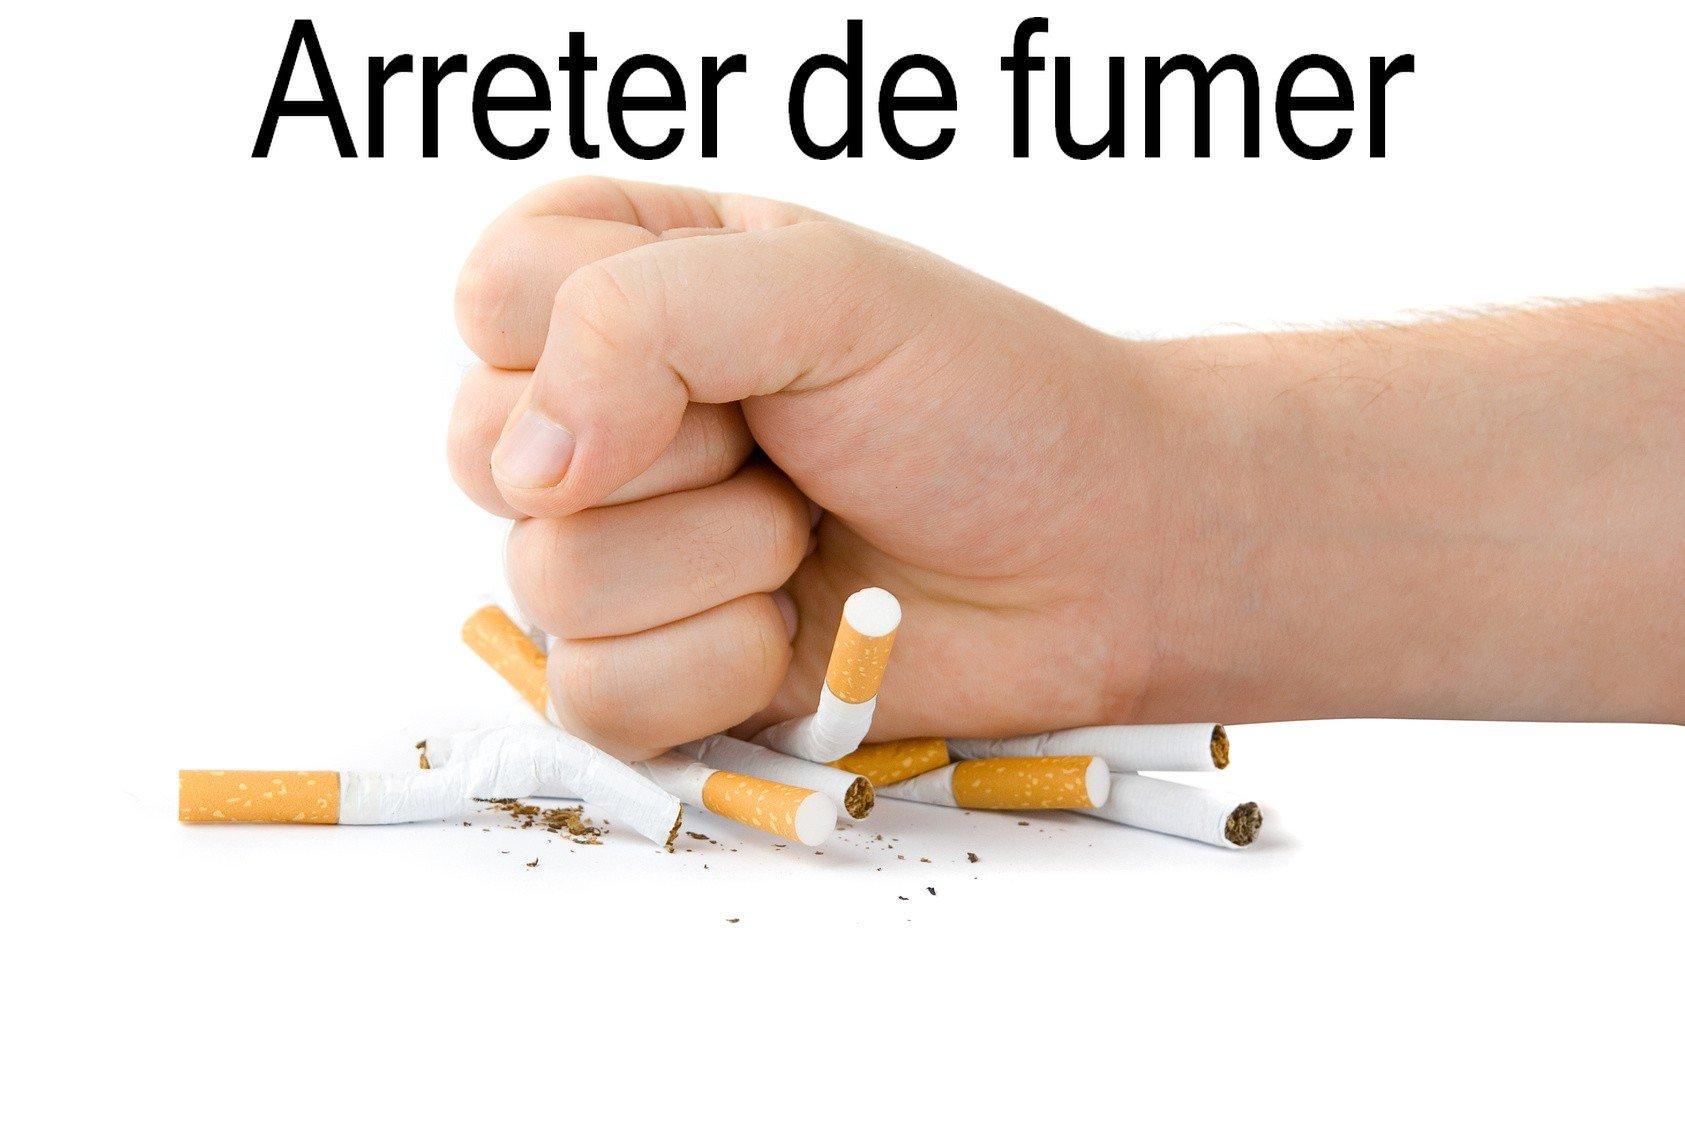 Arrêter de fumer : Le récit de mon histoire personnelle et le changement dans ma vie